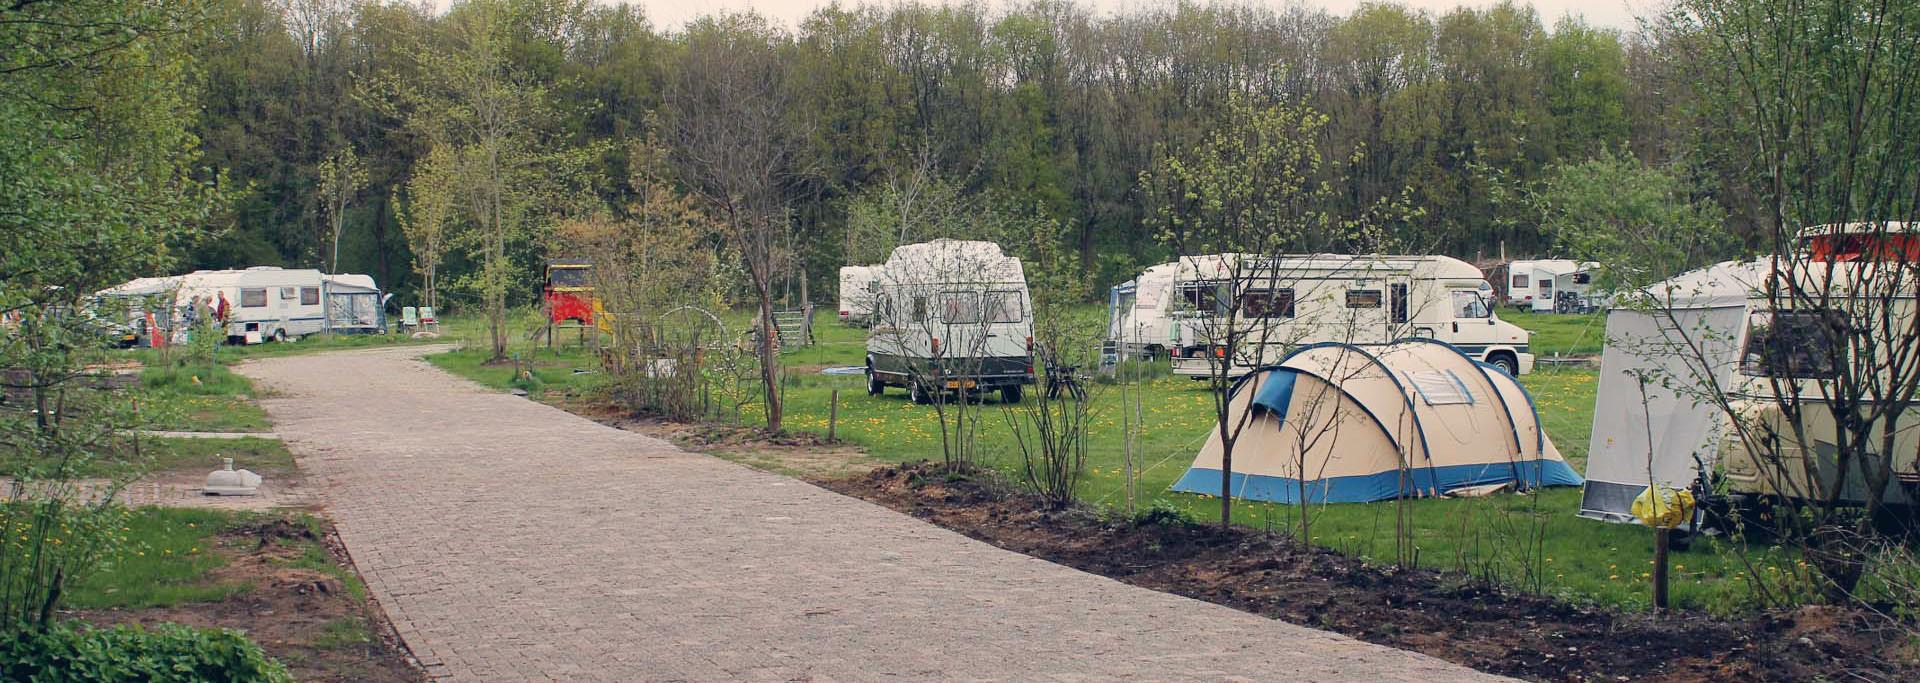 vakantie omboeken Drenthe